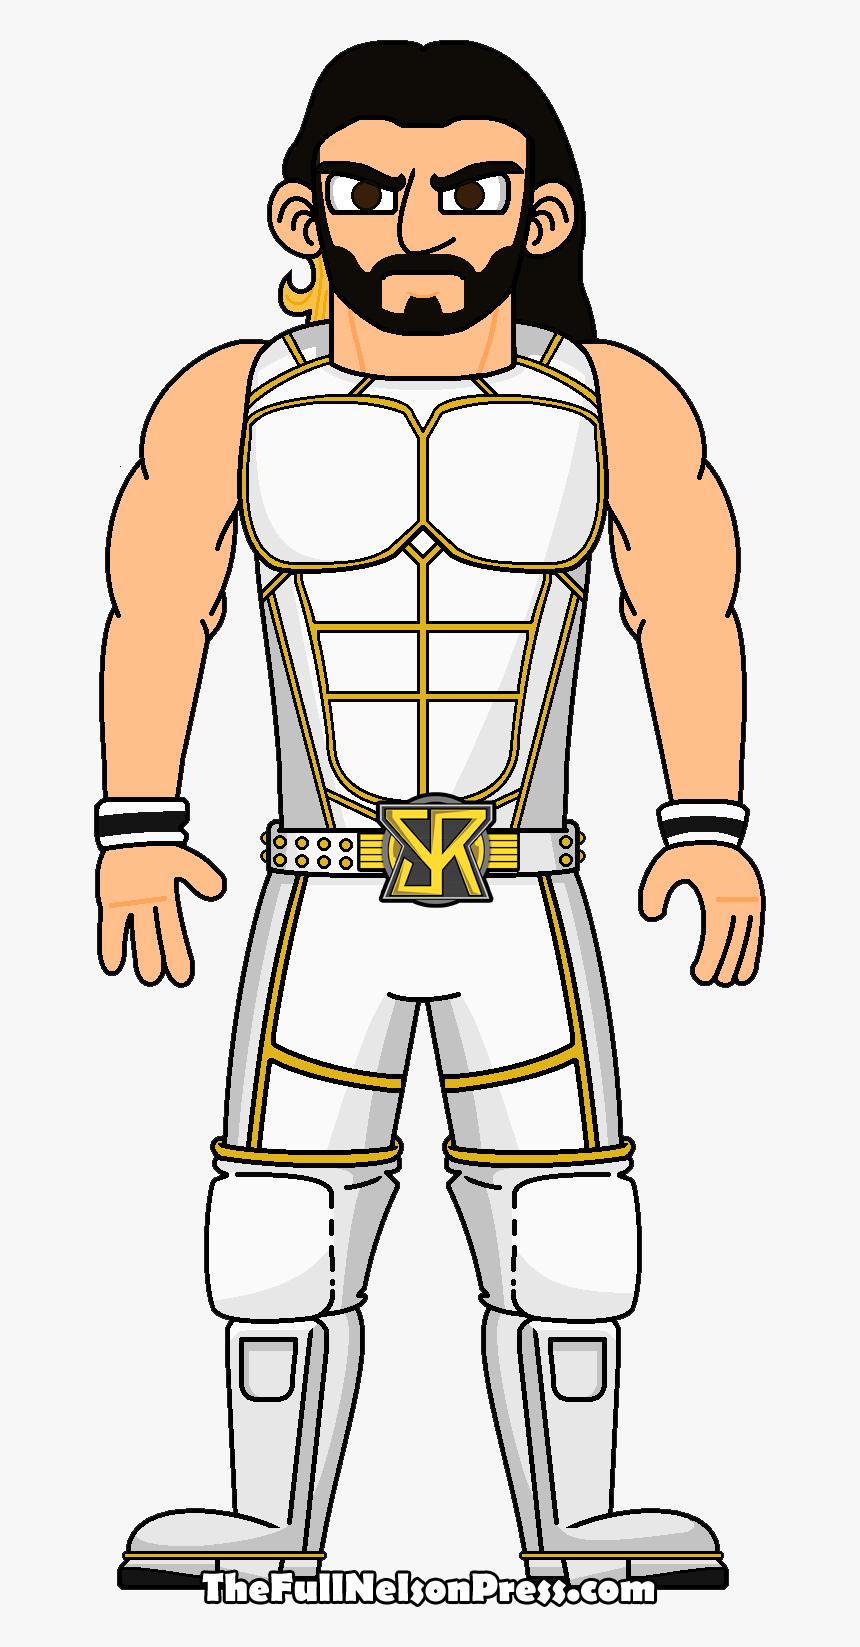 Transparent Wwe Seth Rollins Png Wwe Seth Rollins Cartoon Png Png Download Kindpng